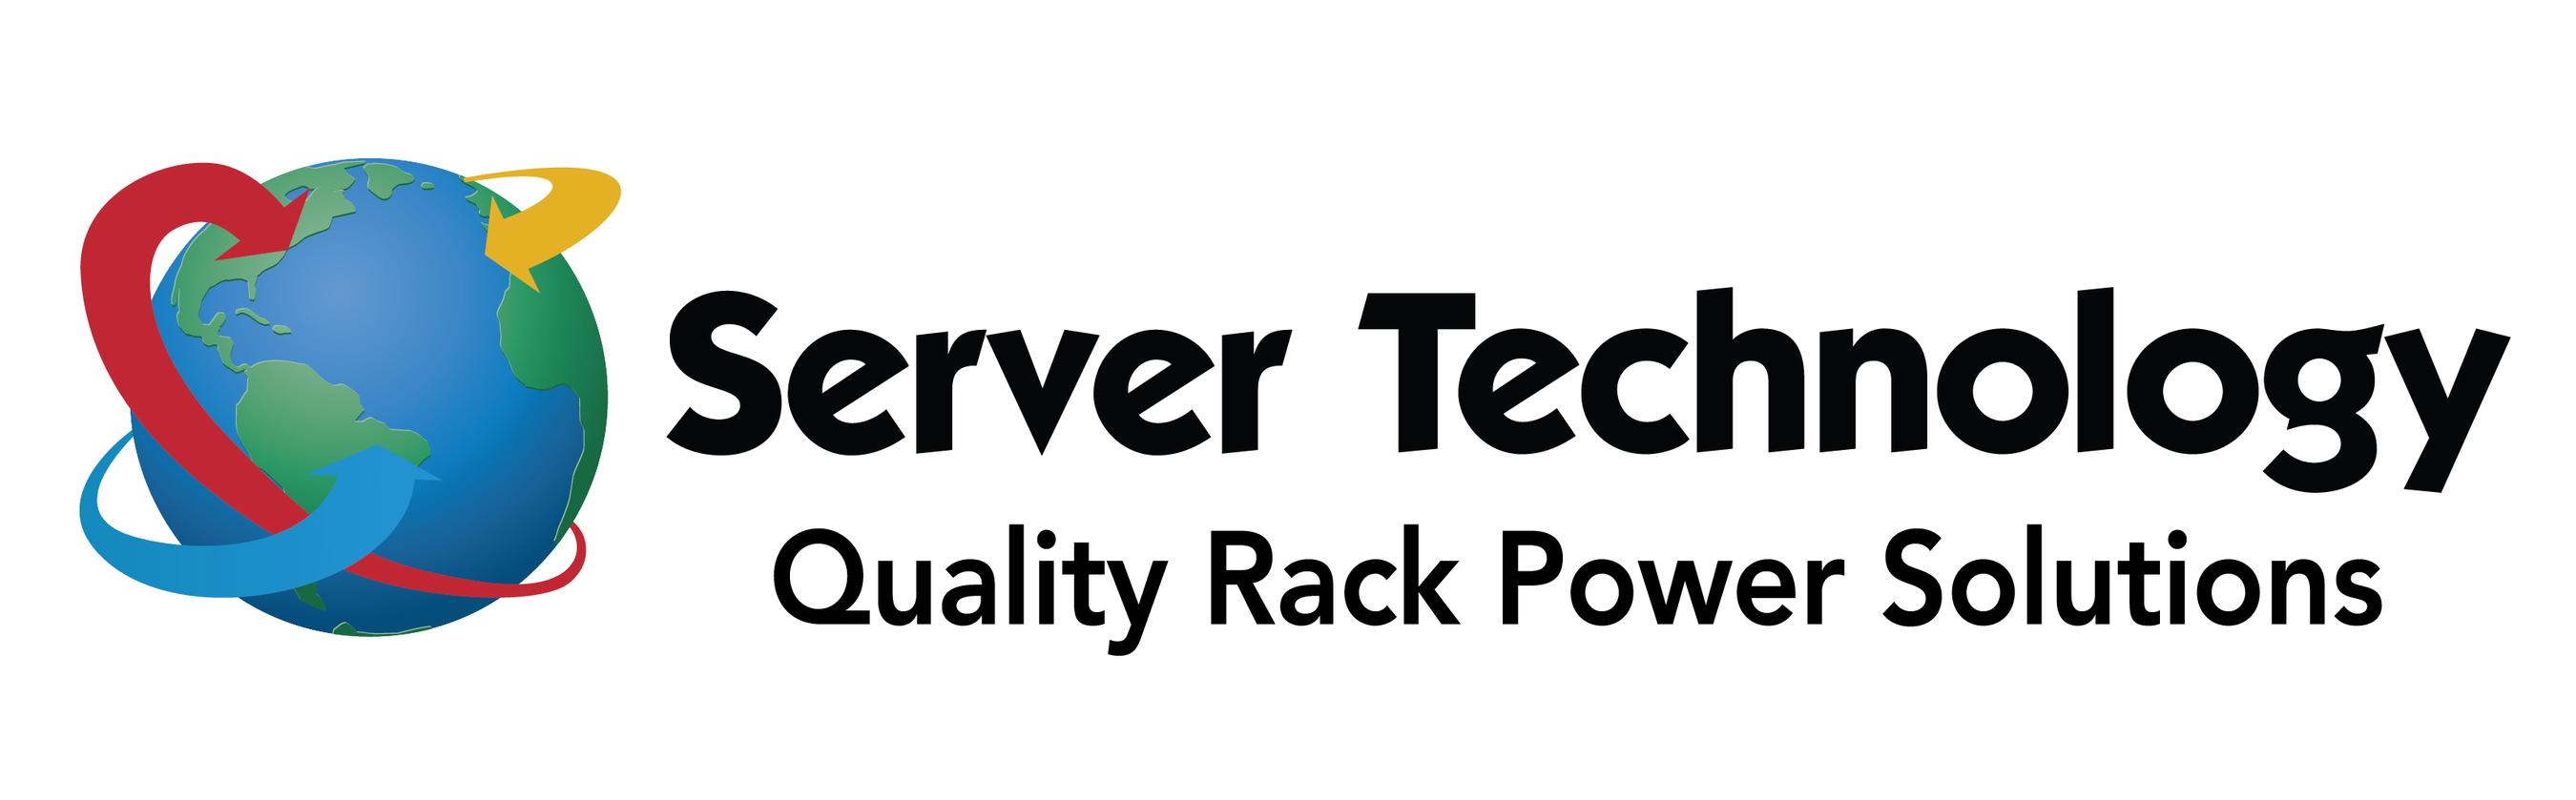 Les tribunaux condamnent Schneider Electric (SU) à verser à Server Technology une redevance de 15 %